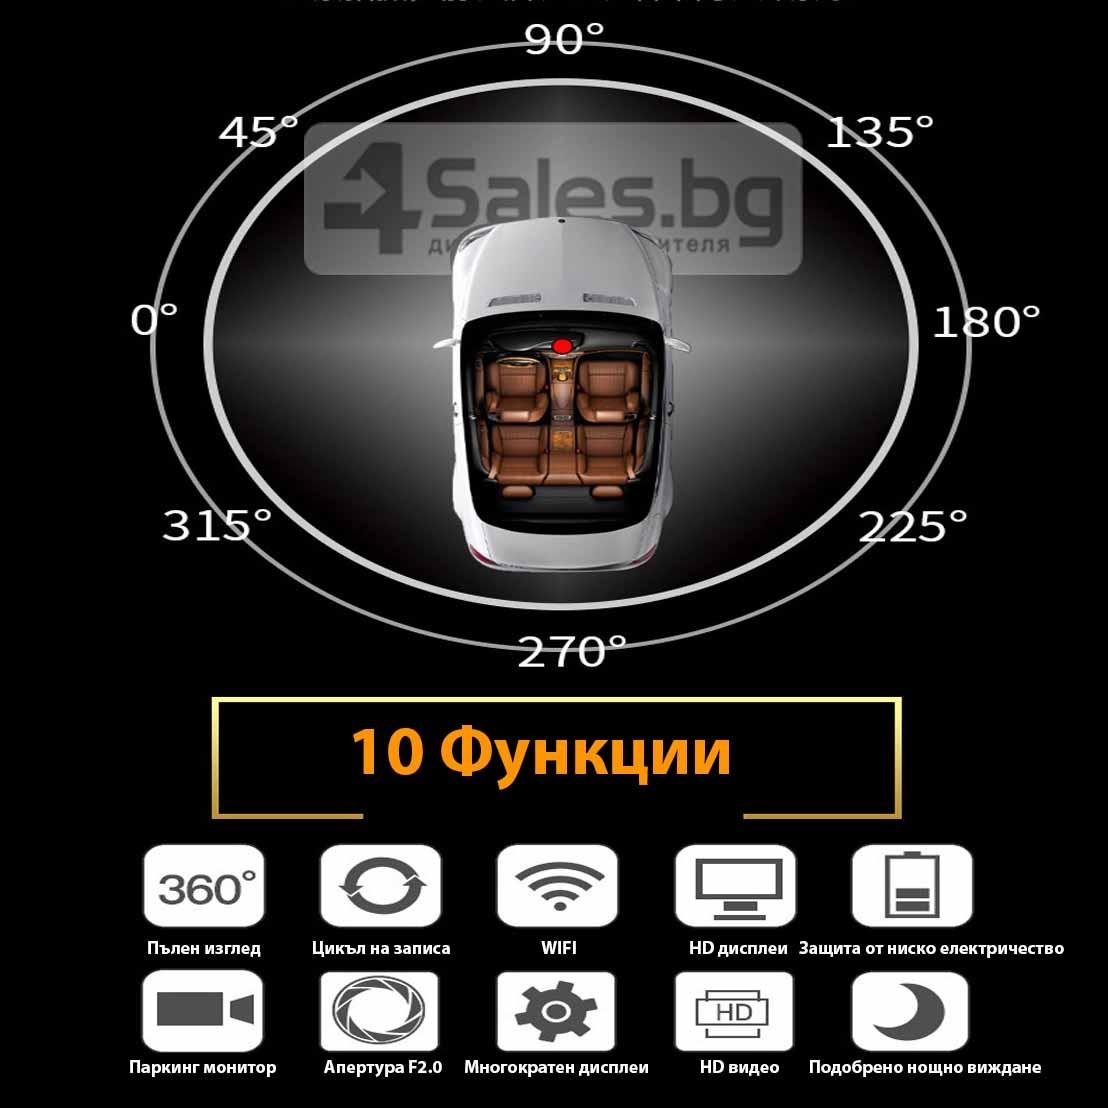 Камера за кола ОТ CAM с Wi Fi 360 градусово заснемане, паркинг и нощен запис AC56 2